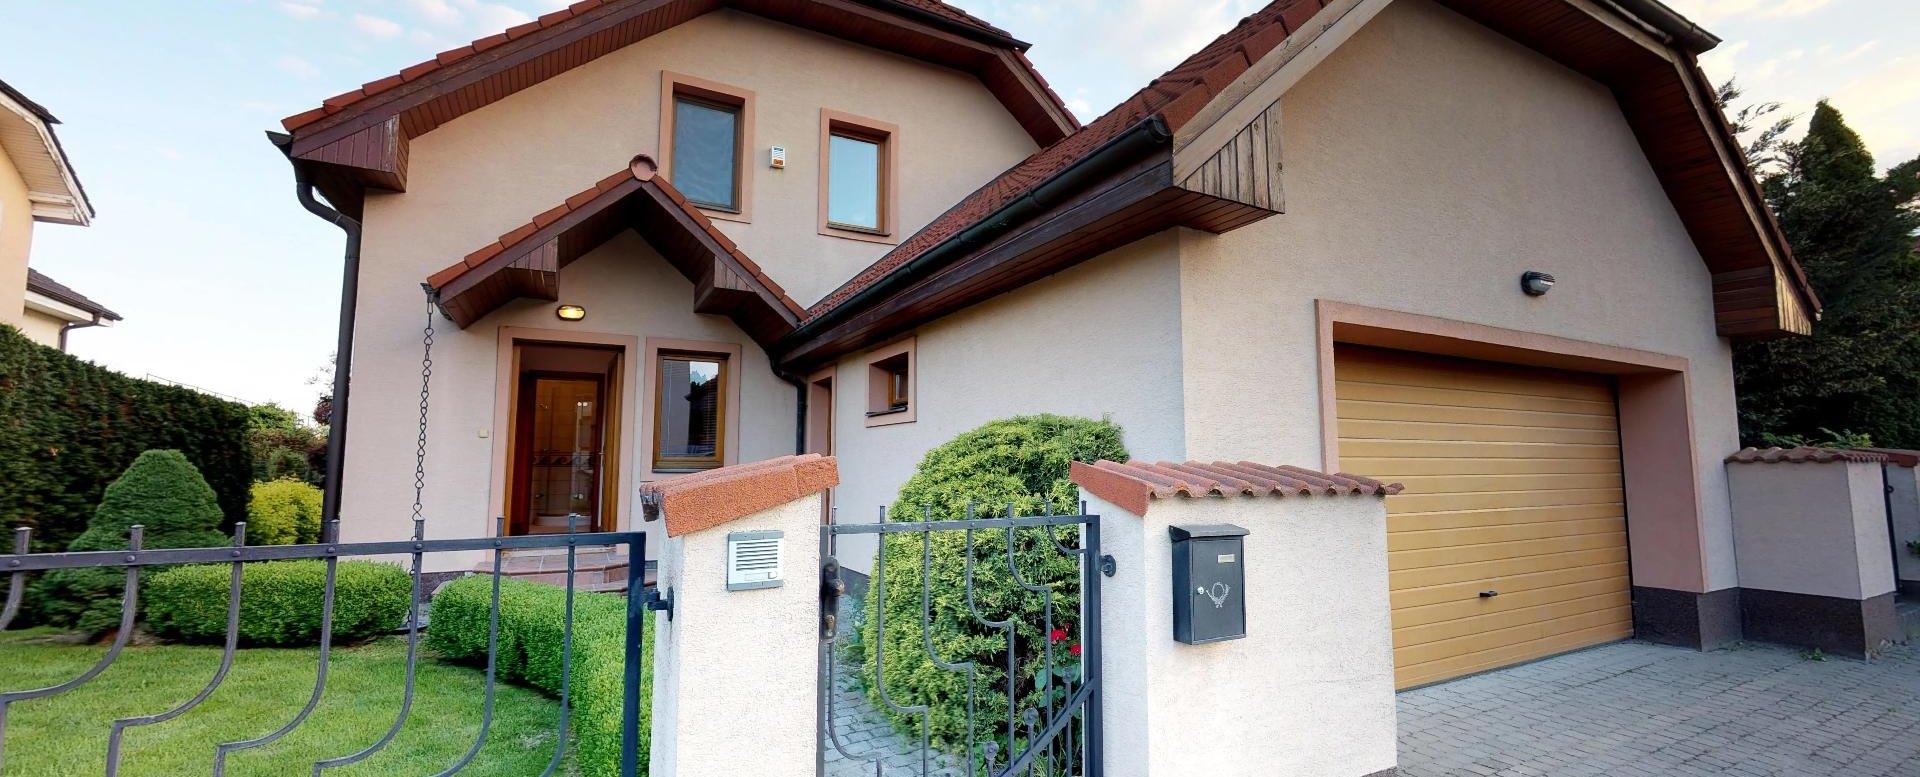 Pohľad na dom a garáž z ulice